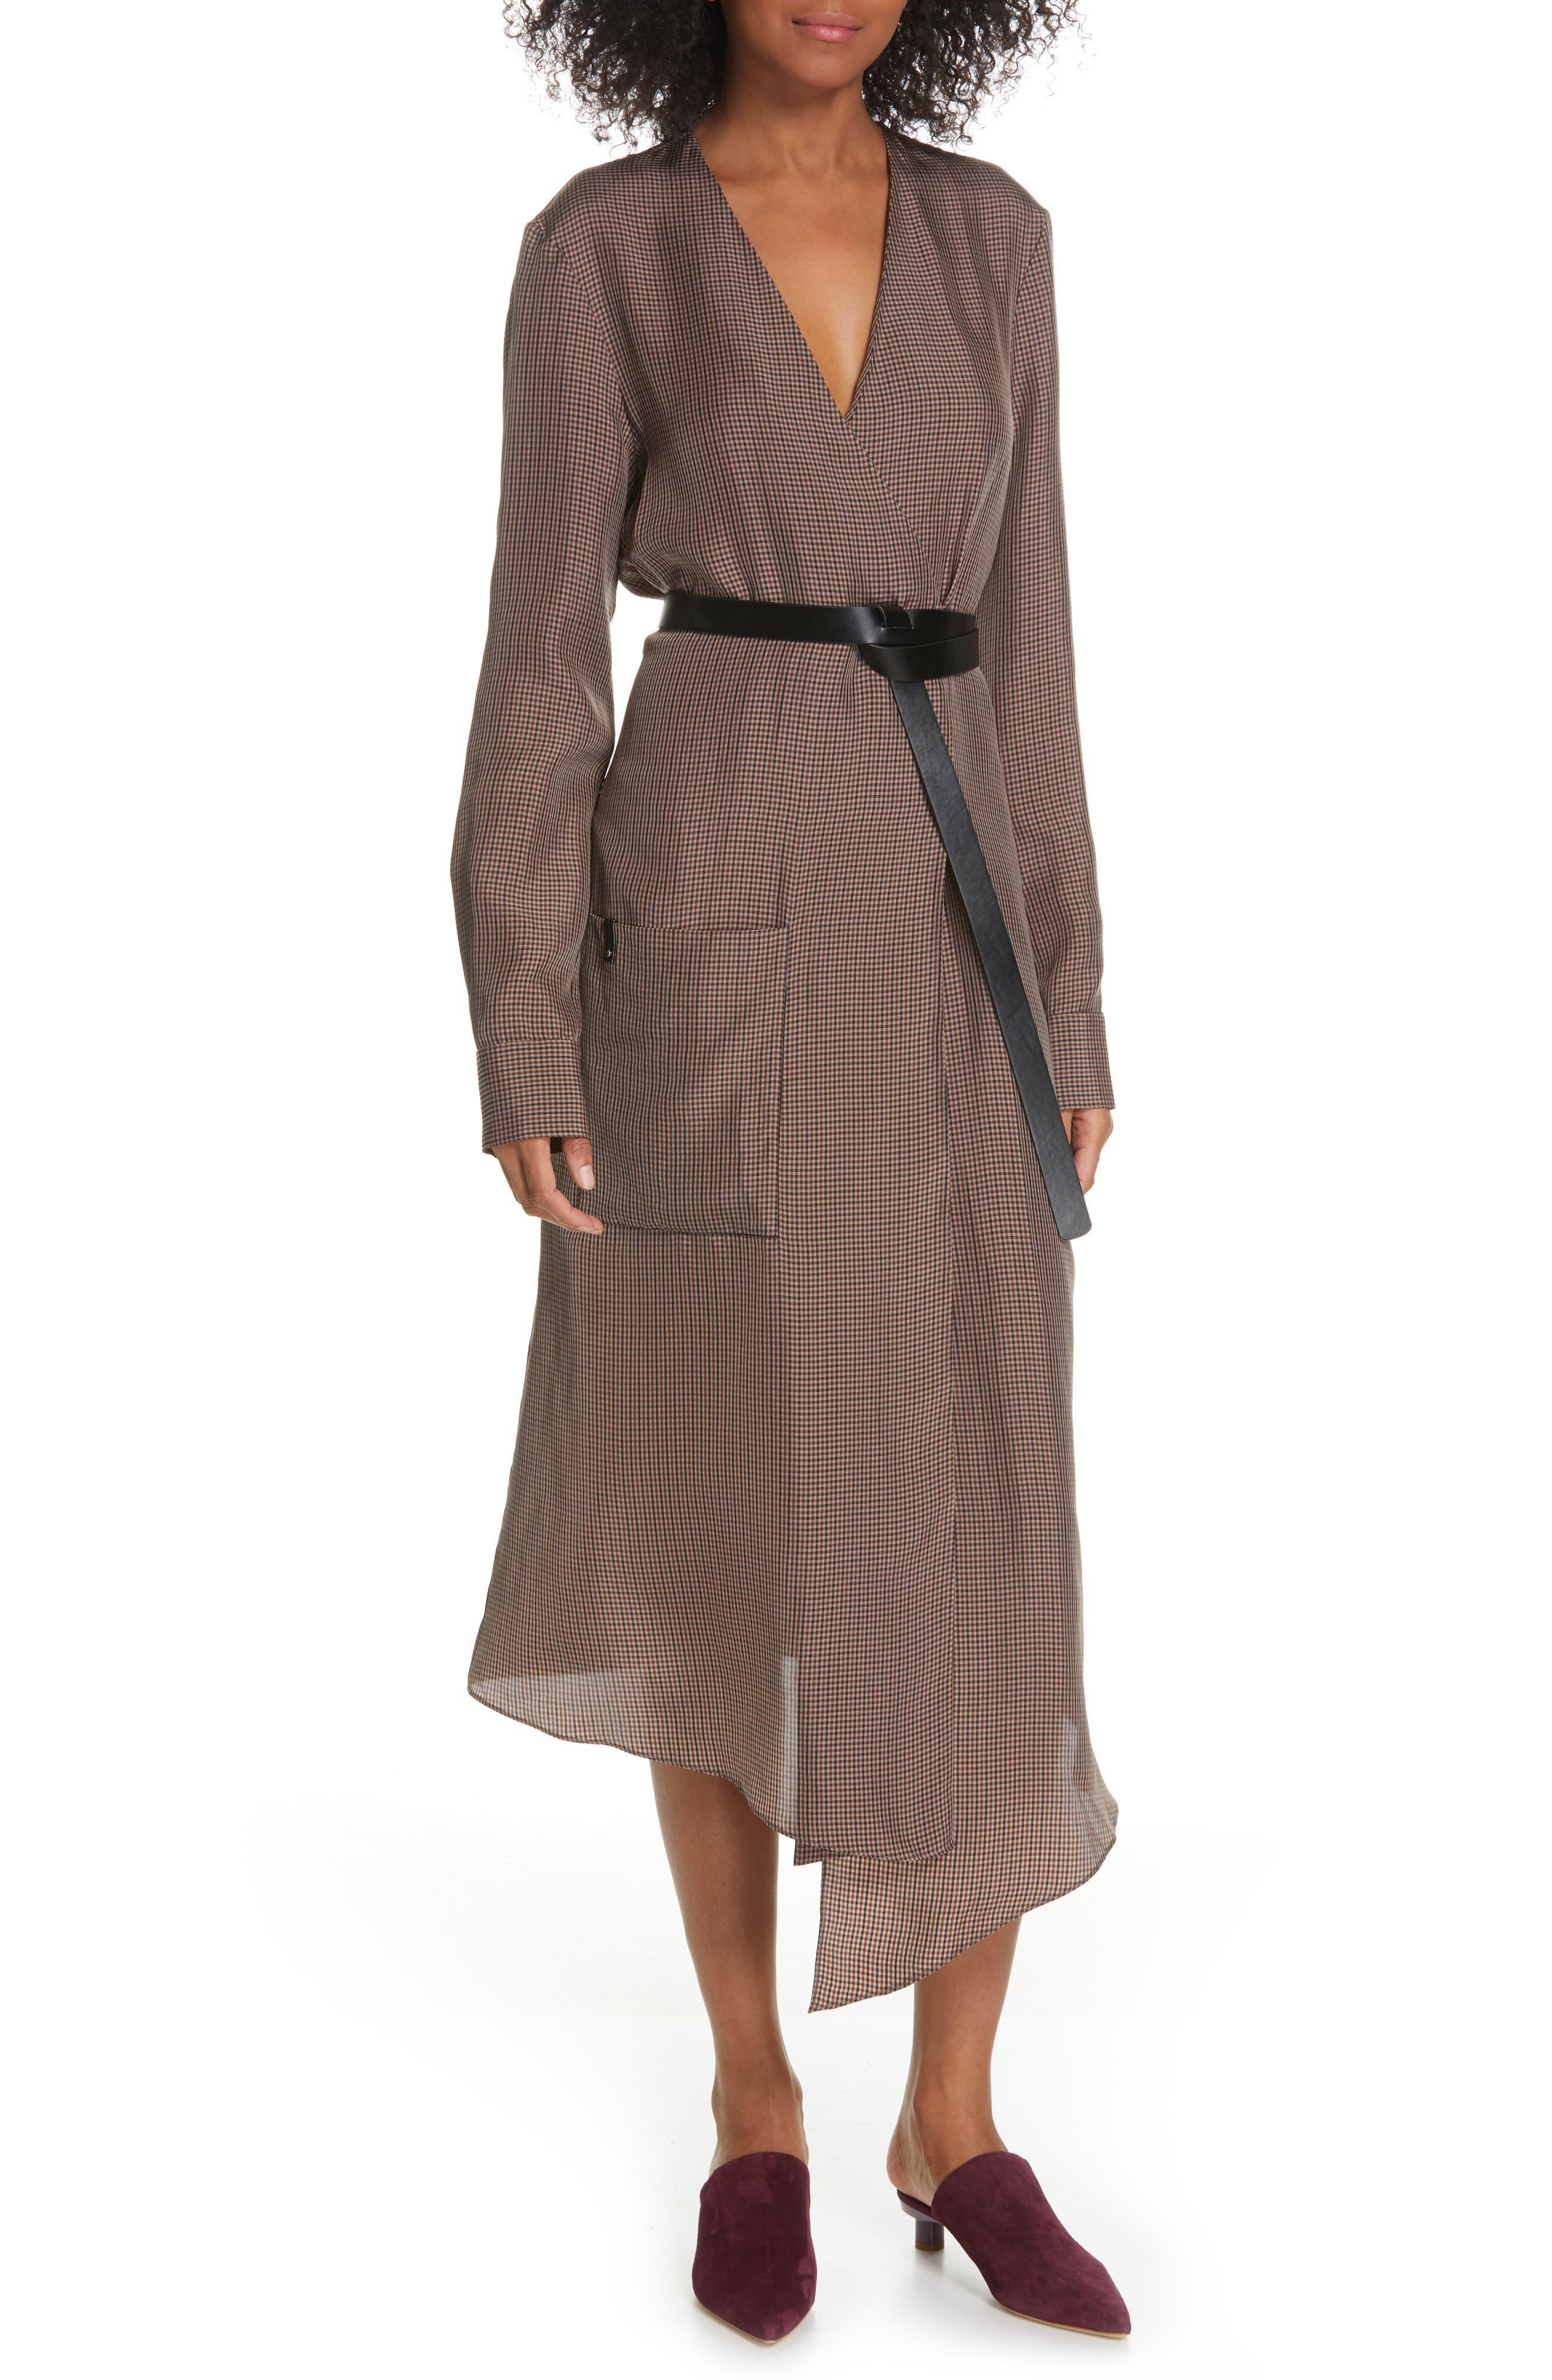 Tibi Walden Long Sleeve Faux Wrap Midi Dress, Brown